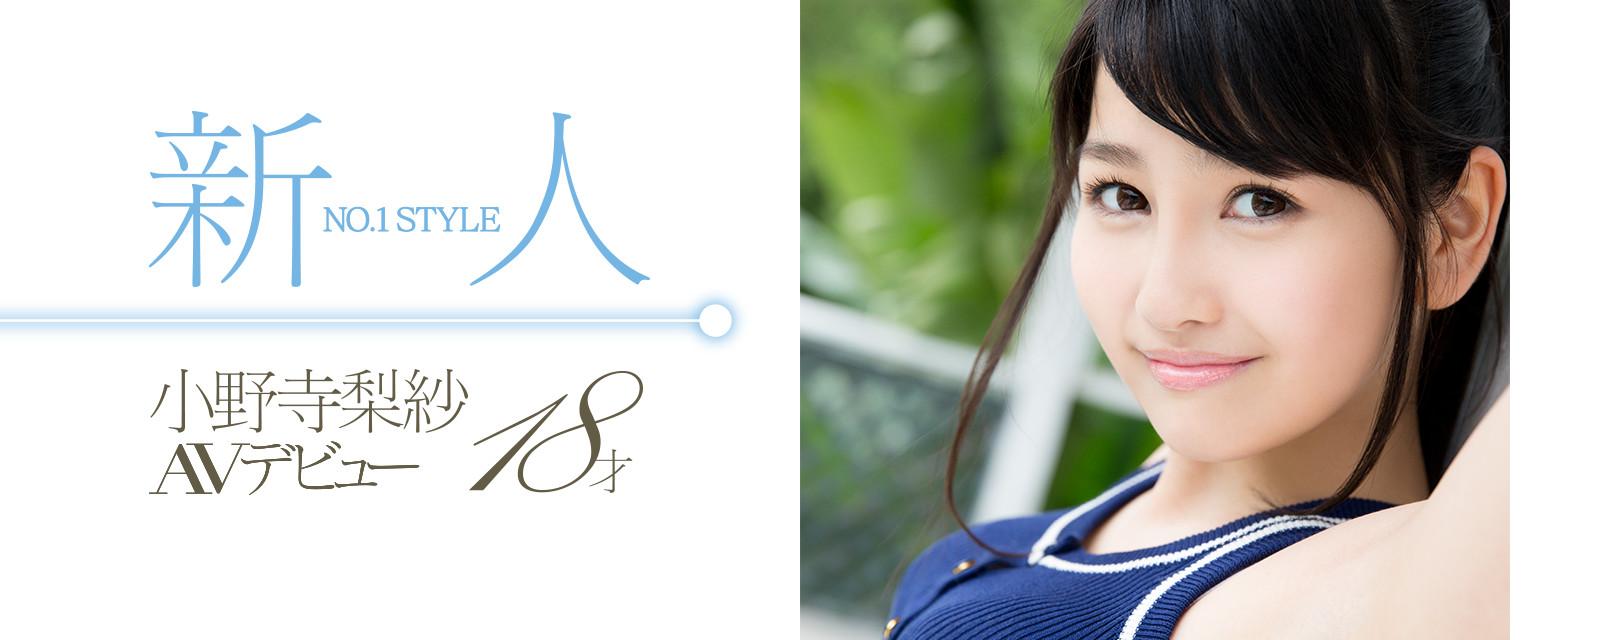 微乳美尻的18歲美少女 - 小野寺梨紗